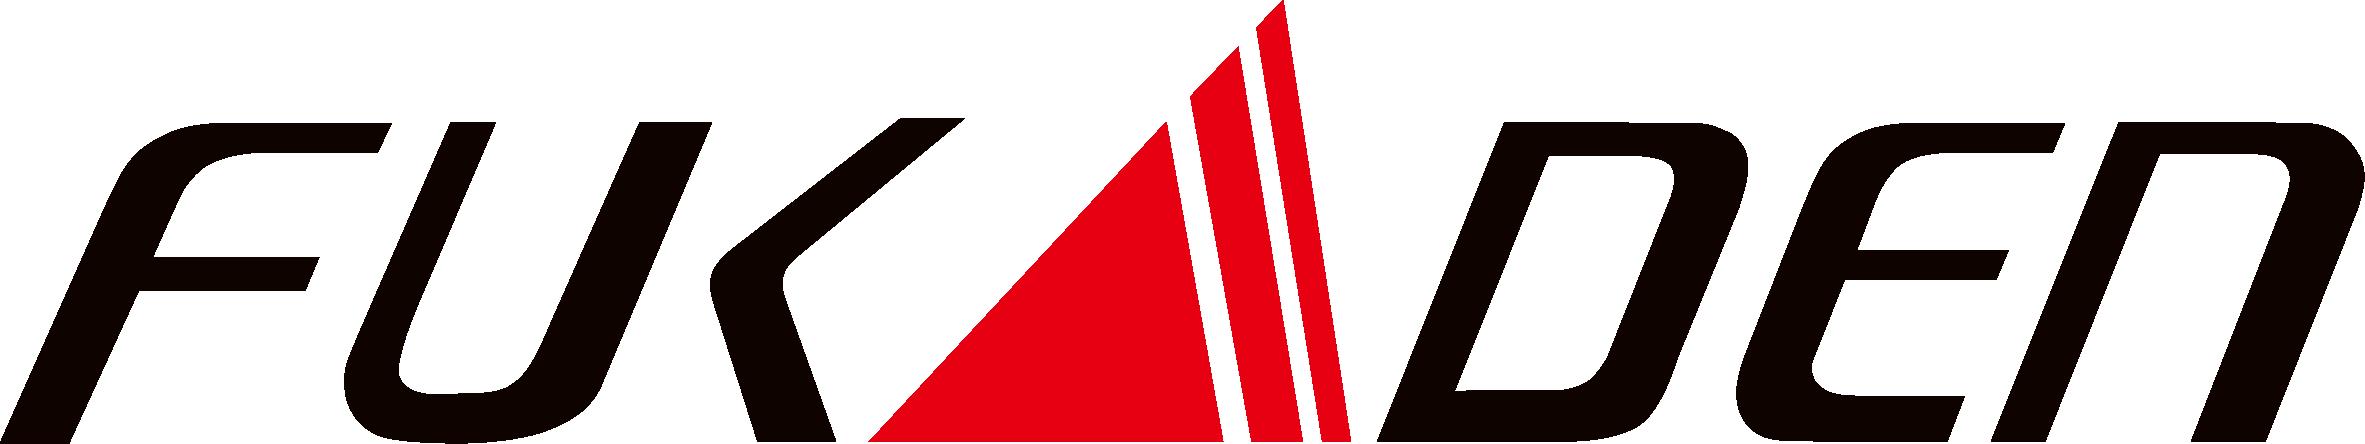 株式会社フカデン